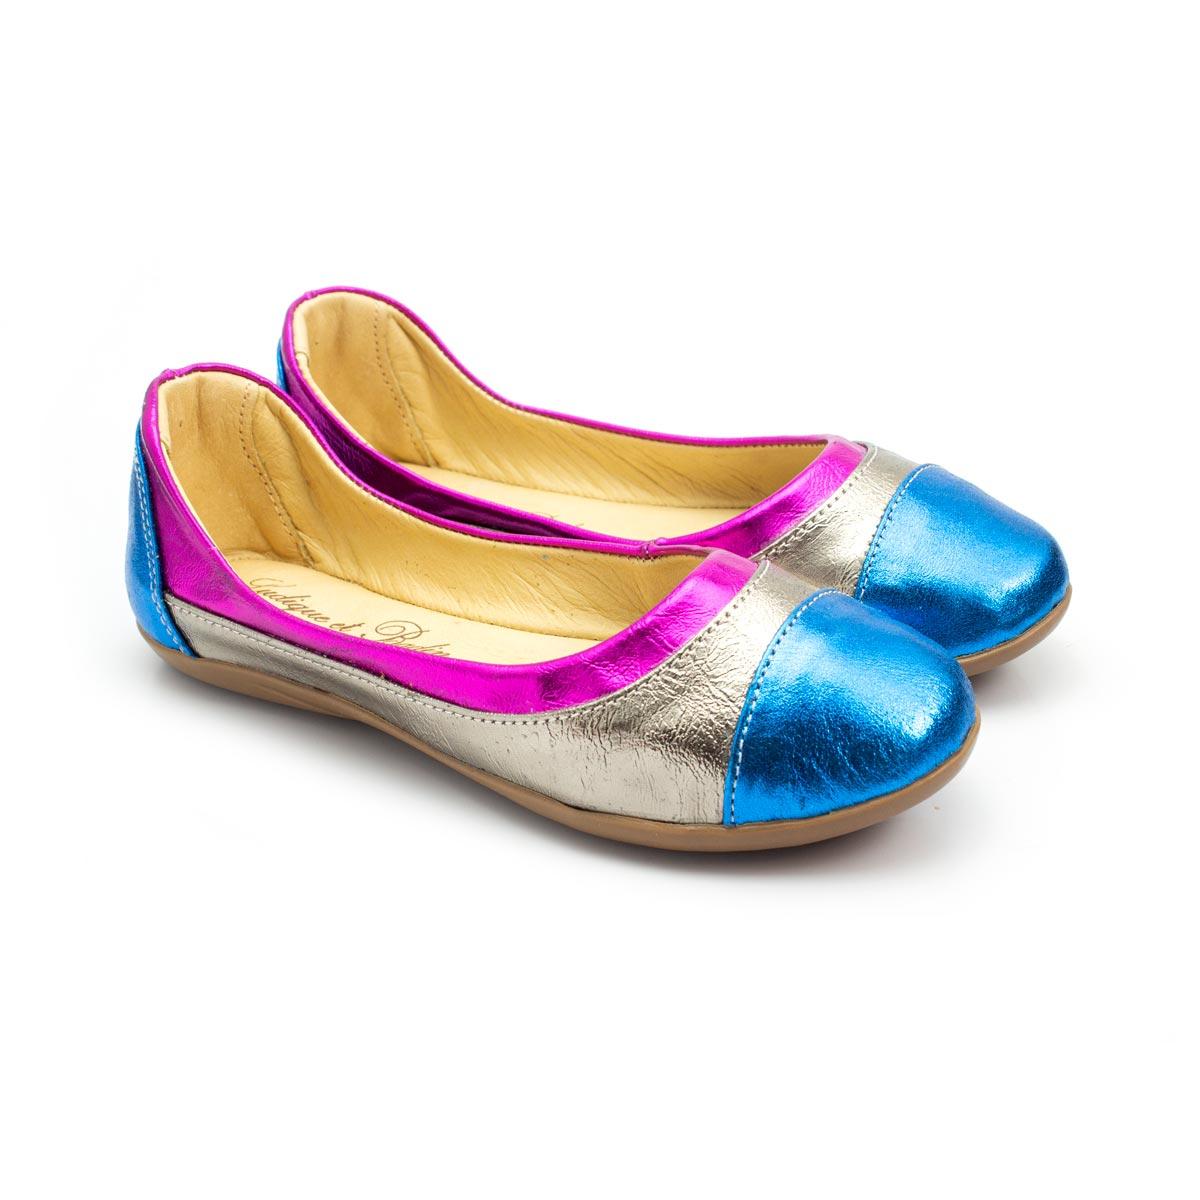 Sapatilha-Infantil-Menina-Recortada-Colors-Ludique-et-Badin--24-ao-36-